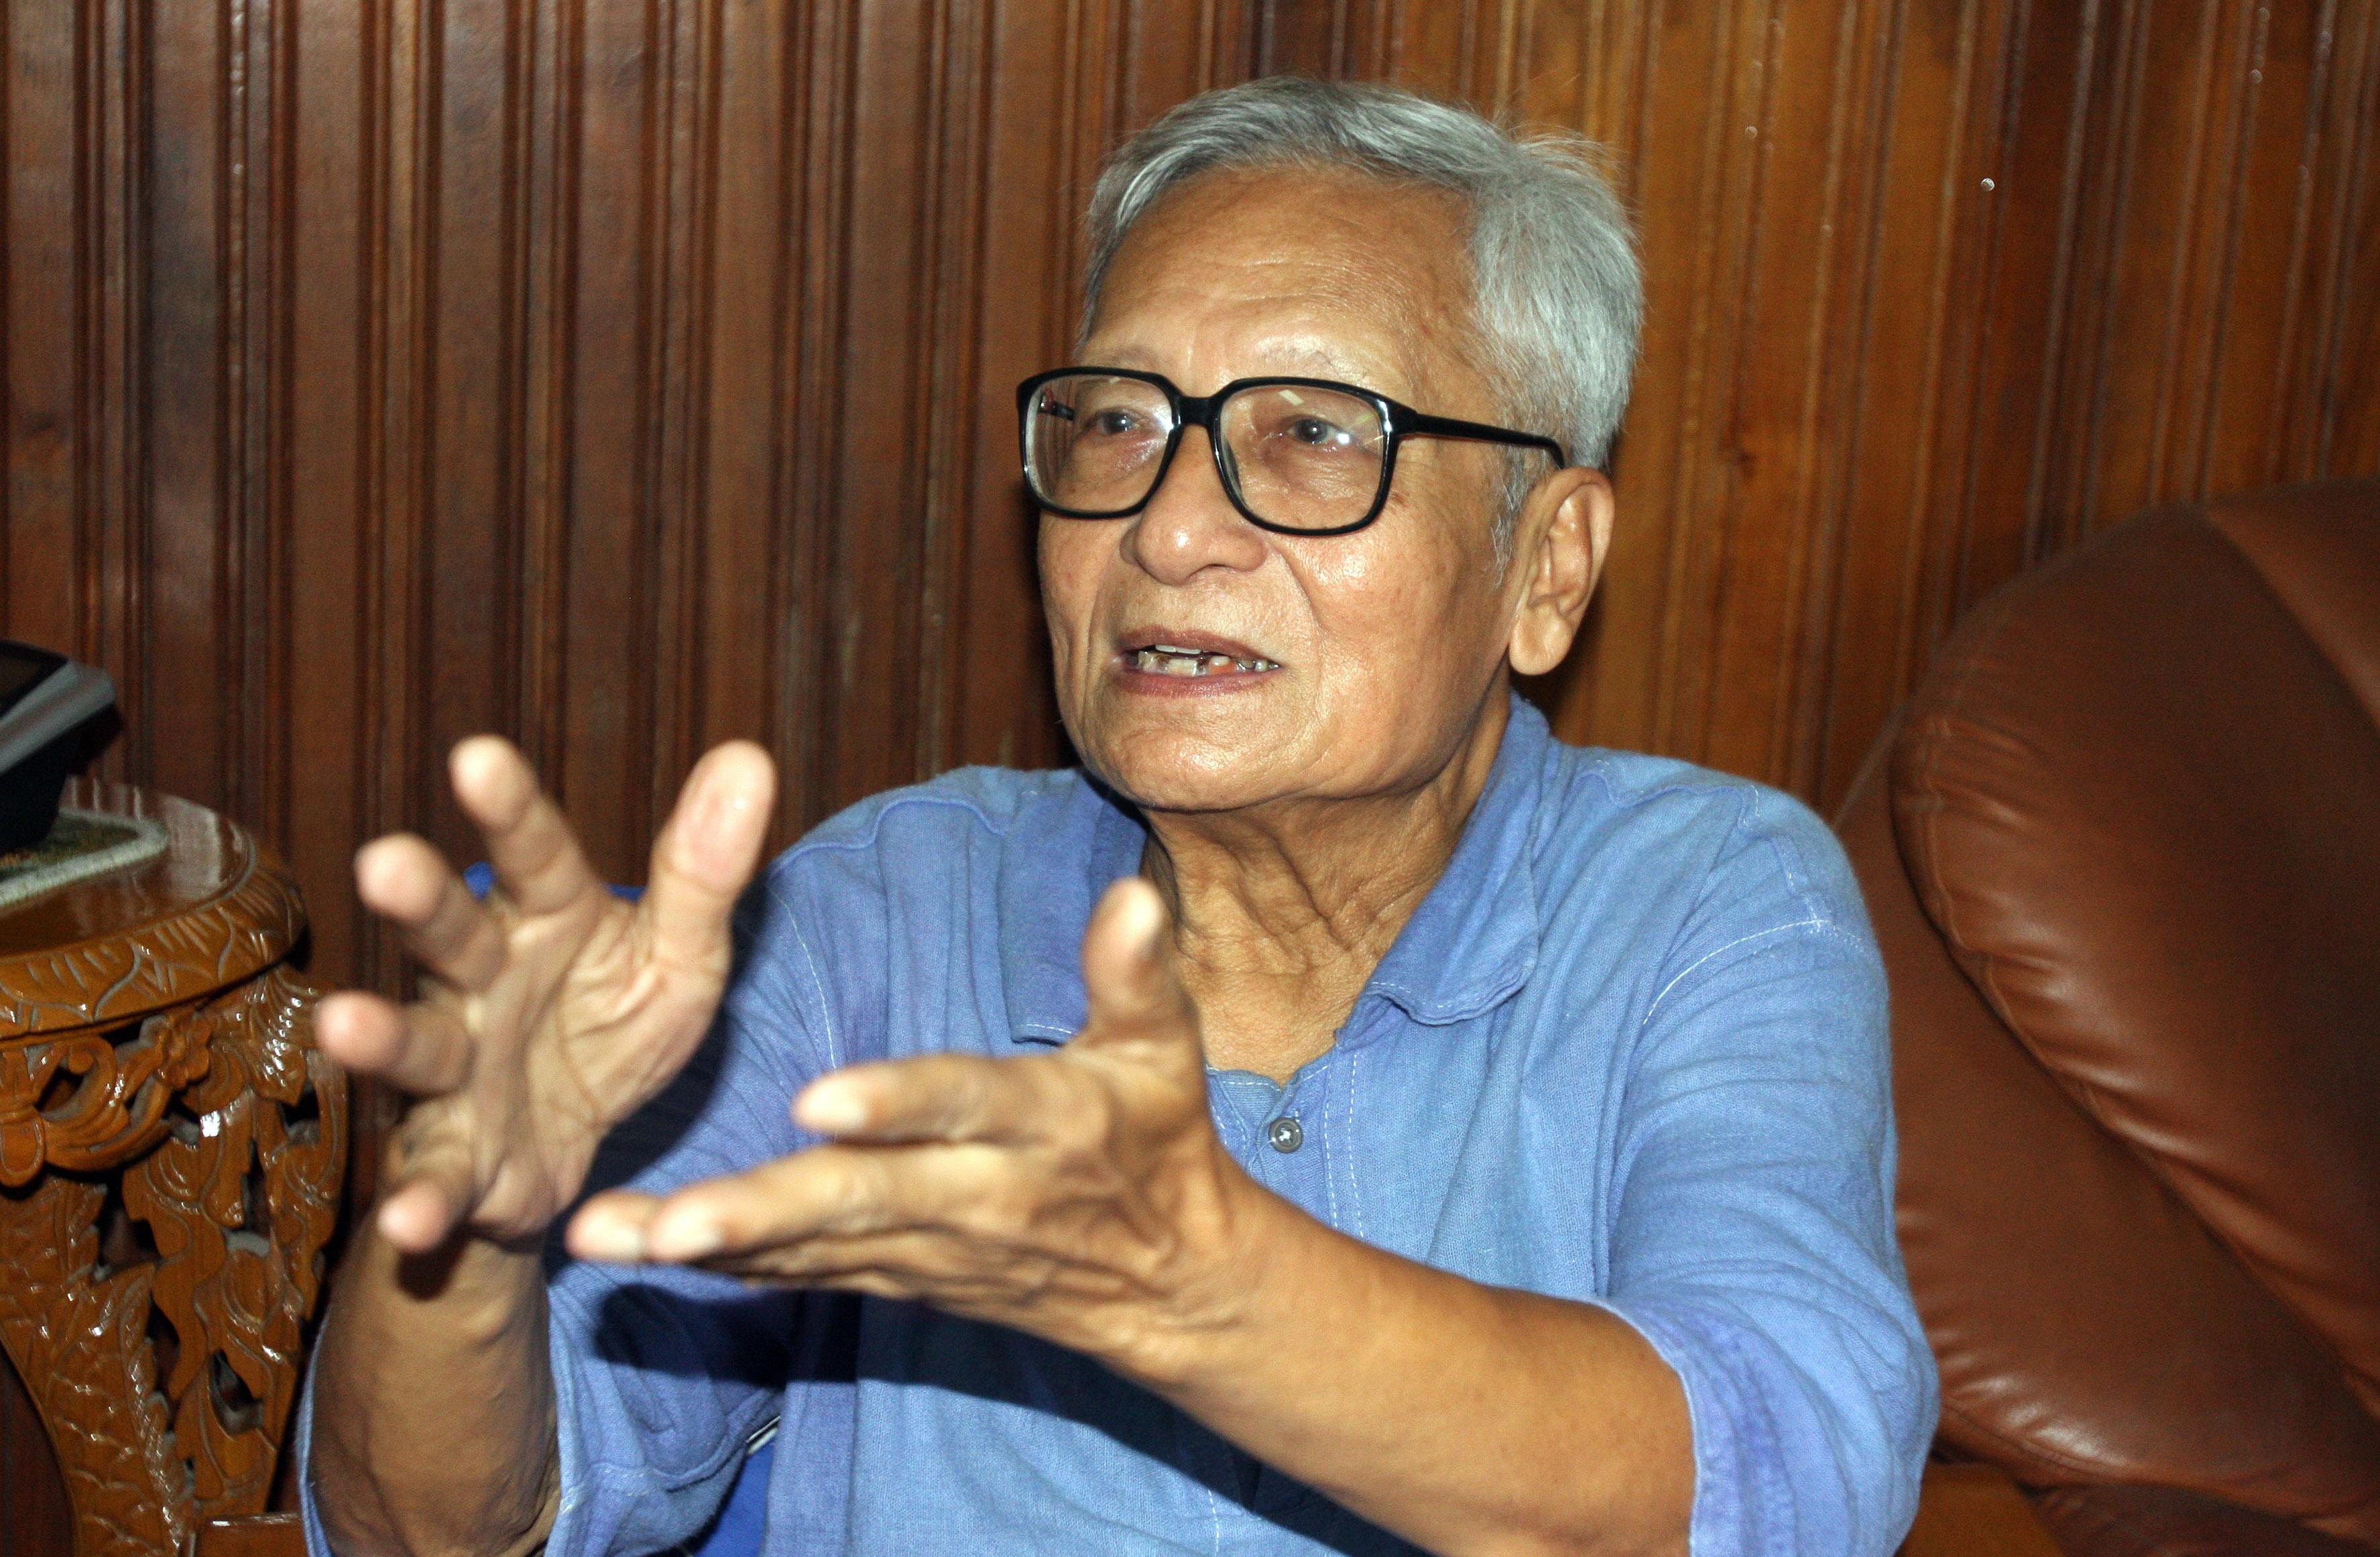 Fallece el activista político birmano Win Tin a los 85 años por una insuficencia renal